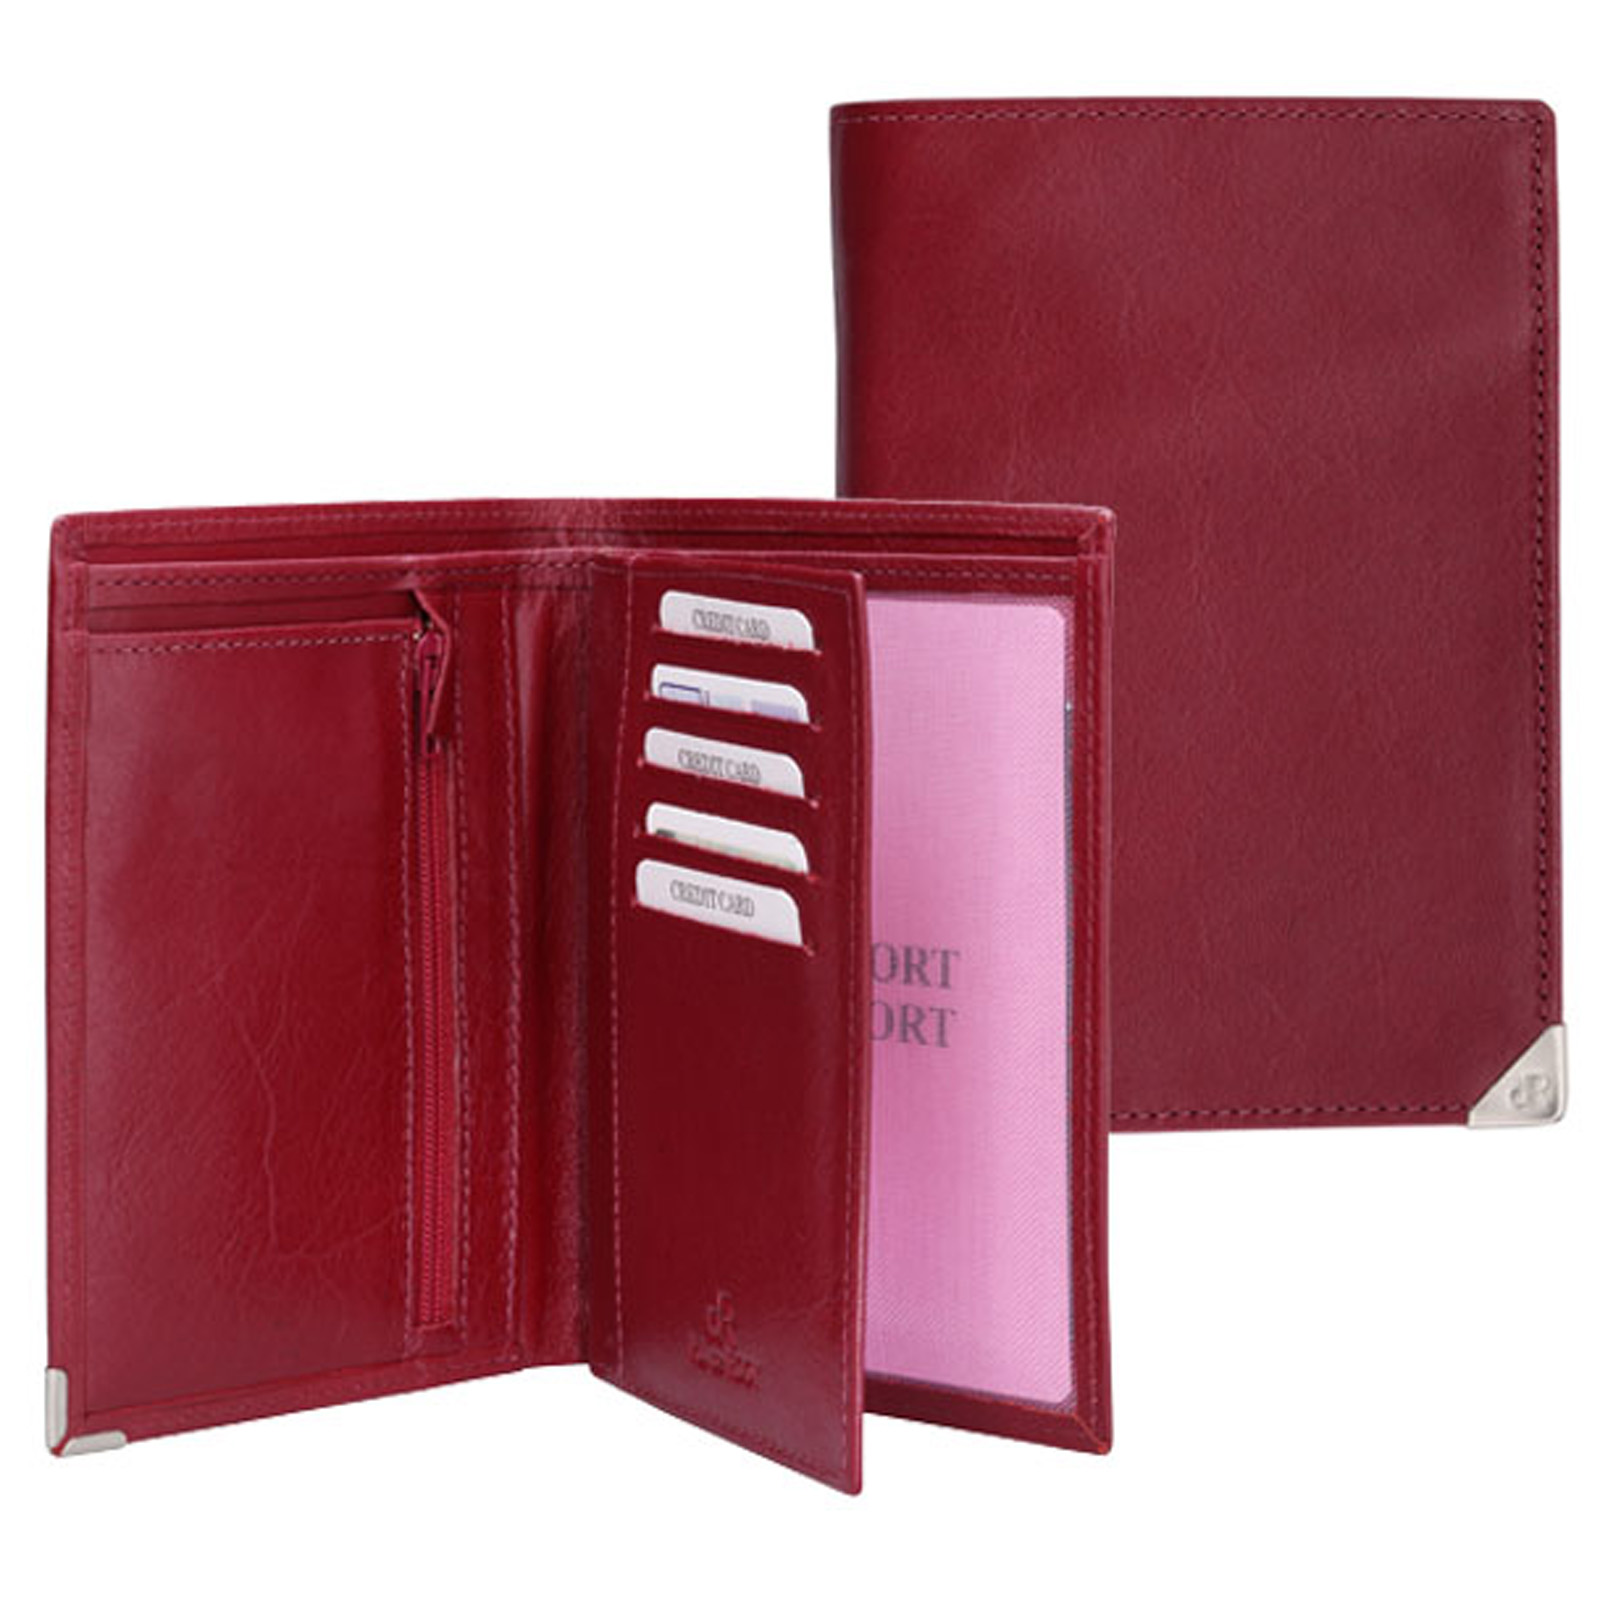 H.J. de Rooy Lederwaren 15731 Portefeuille Red